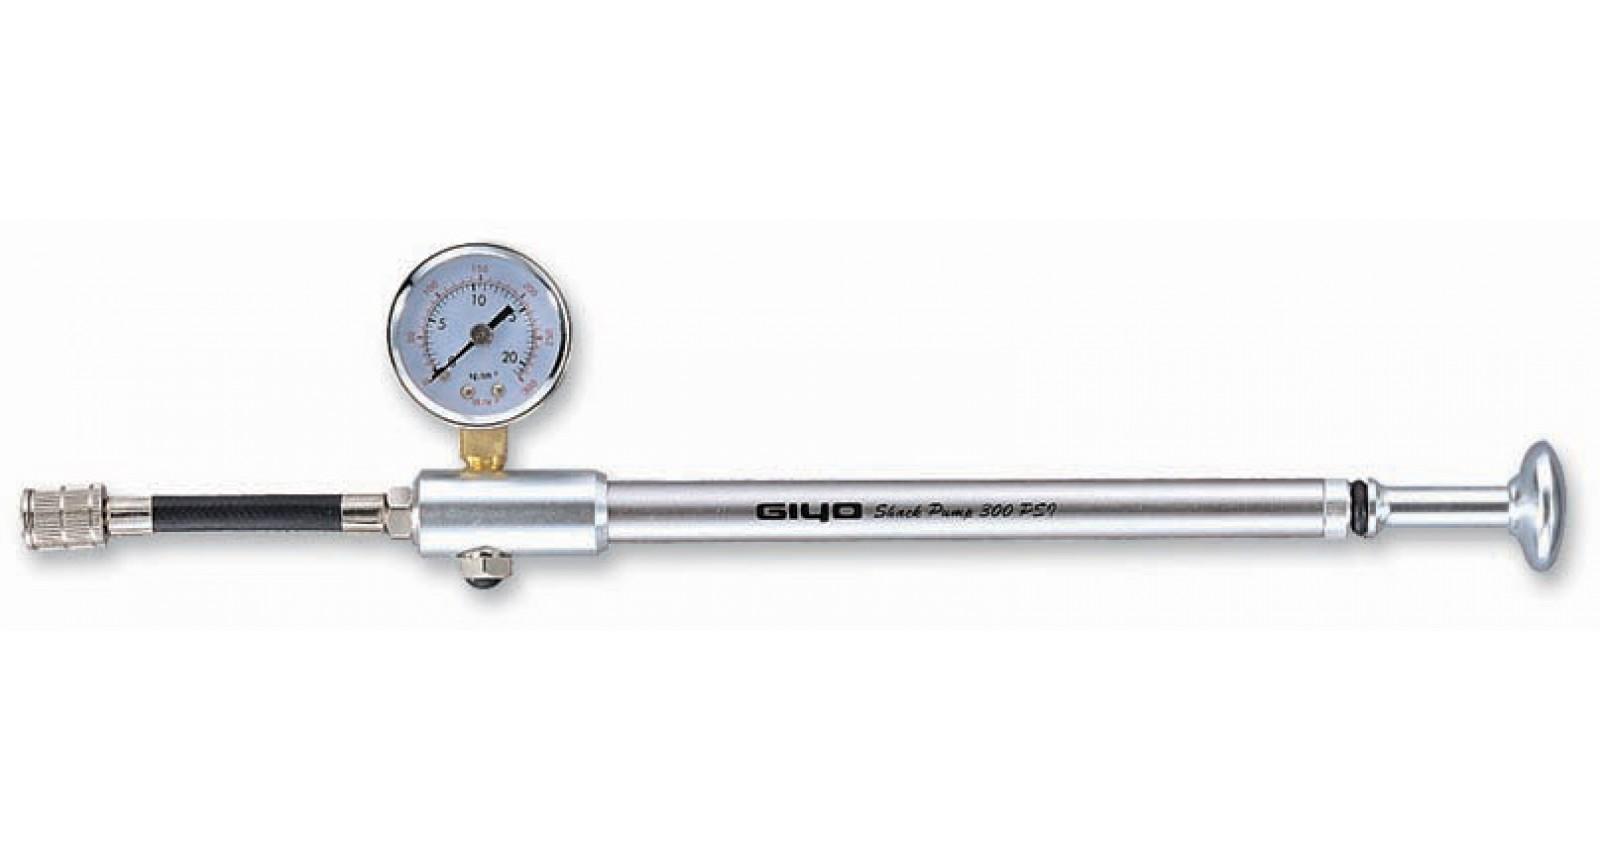 Насосвысокого давления GIYOGS-01сманометром,алюминиевый,серебристый